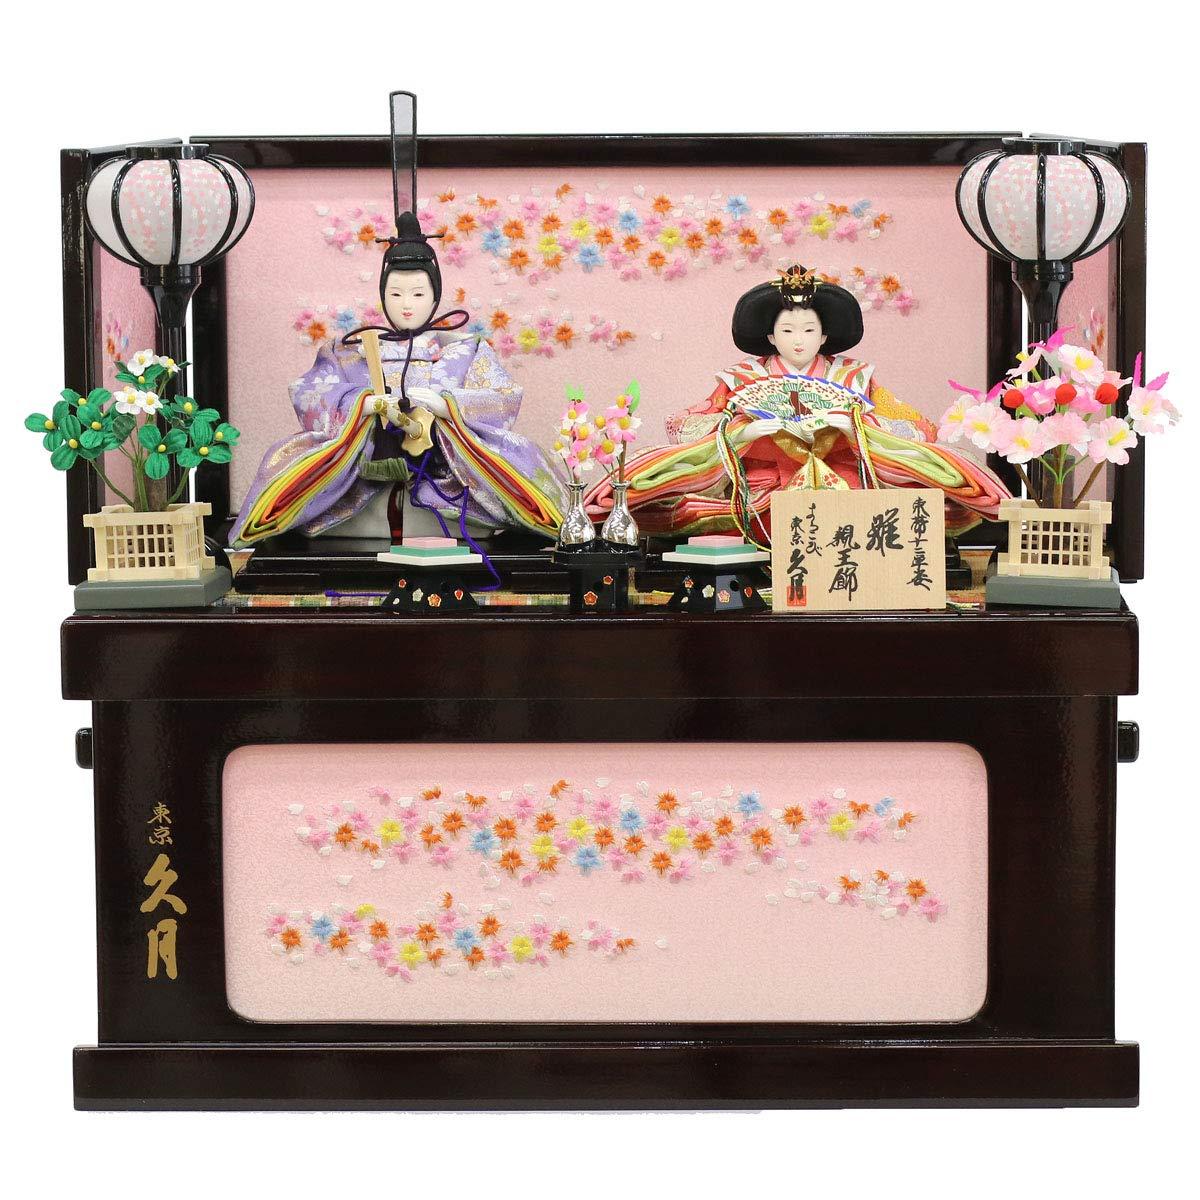 雛人形 久月 収納飾り 小三五親王 HNQ-S-31178M 久月   B07MK8S43J